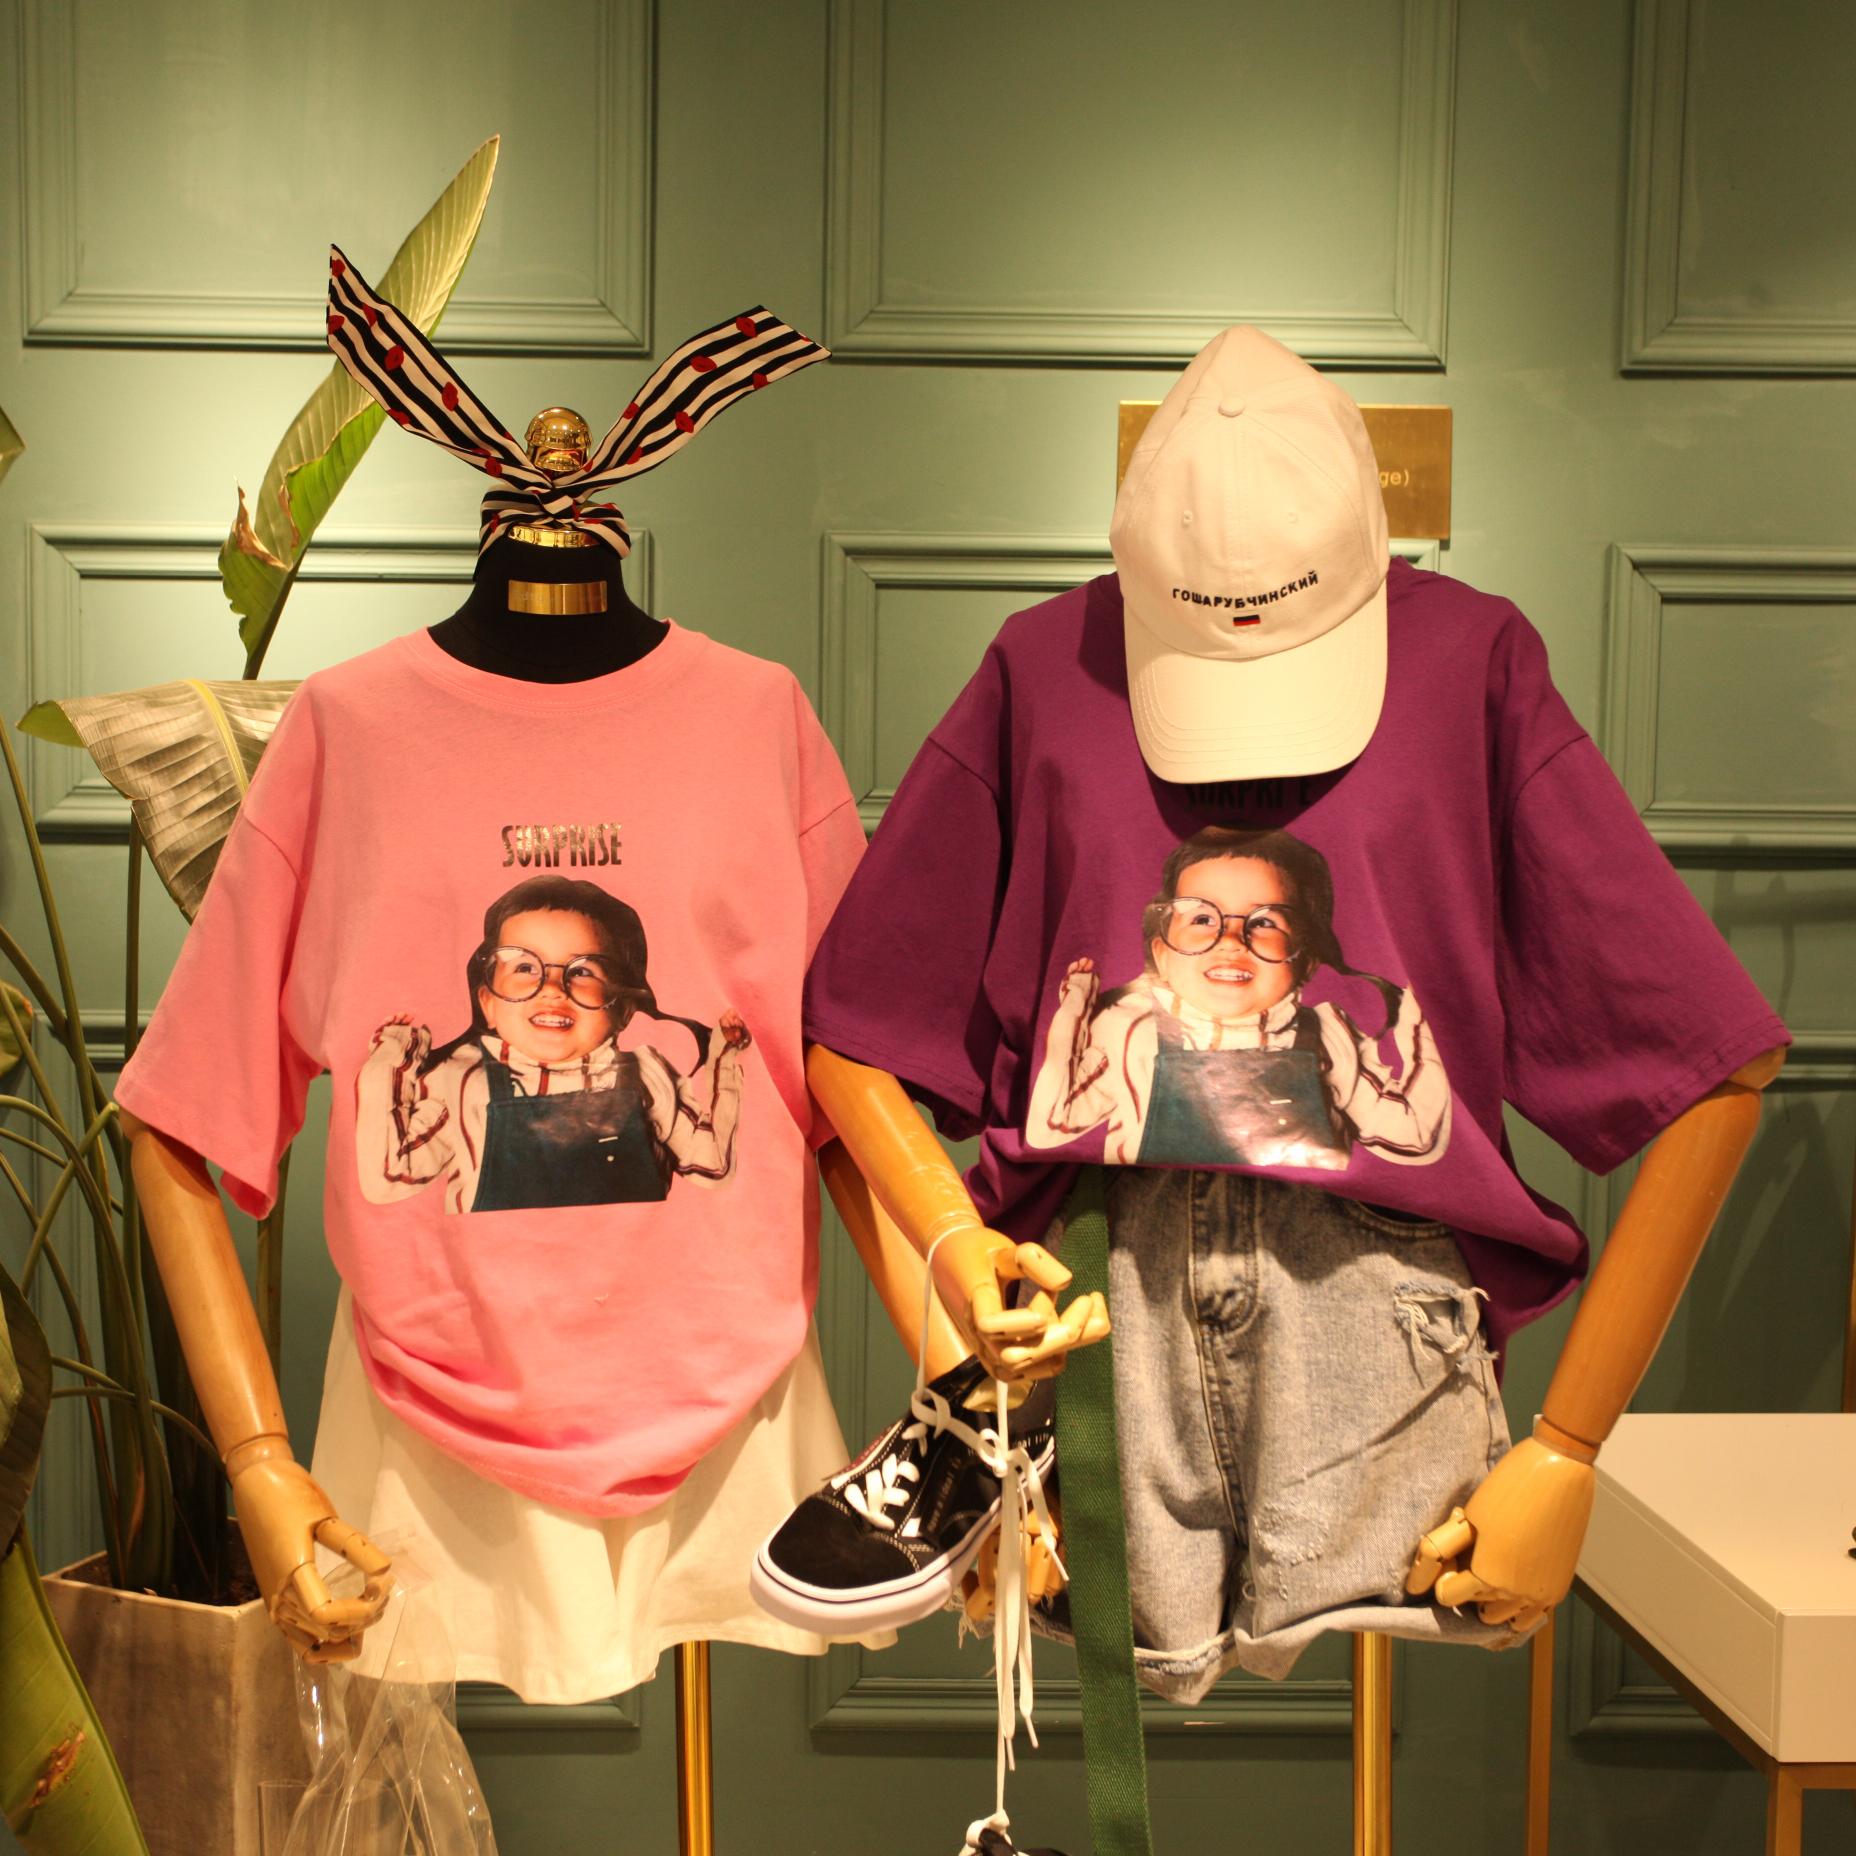 EDTG自制韩国东大门可爱眼镜小女孩字母印花宽松休闲圆领短袖T恤